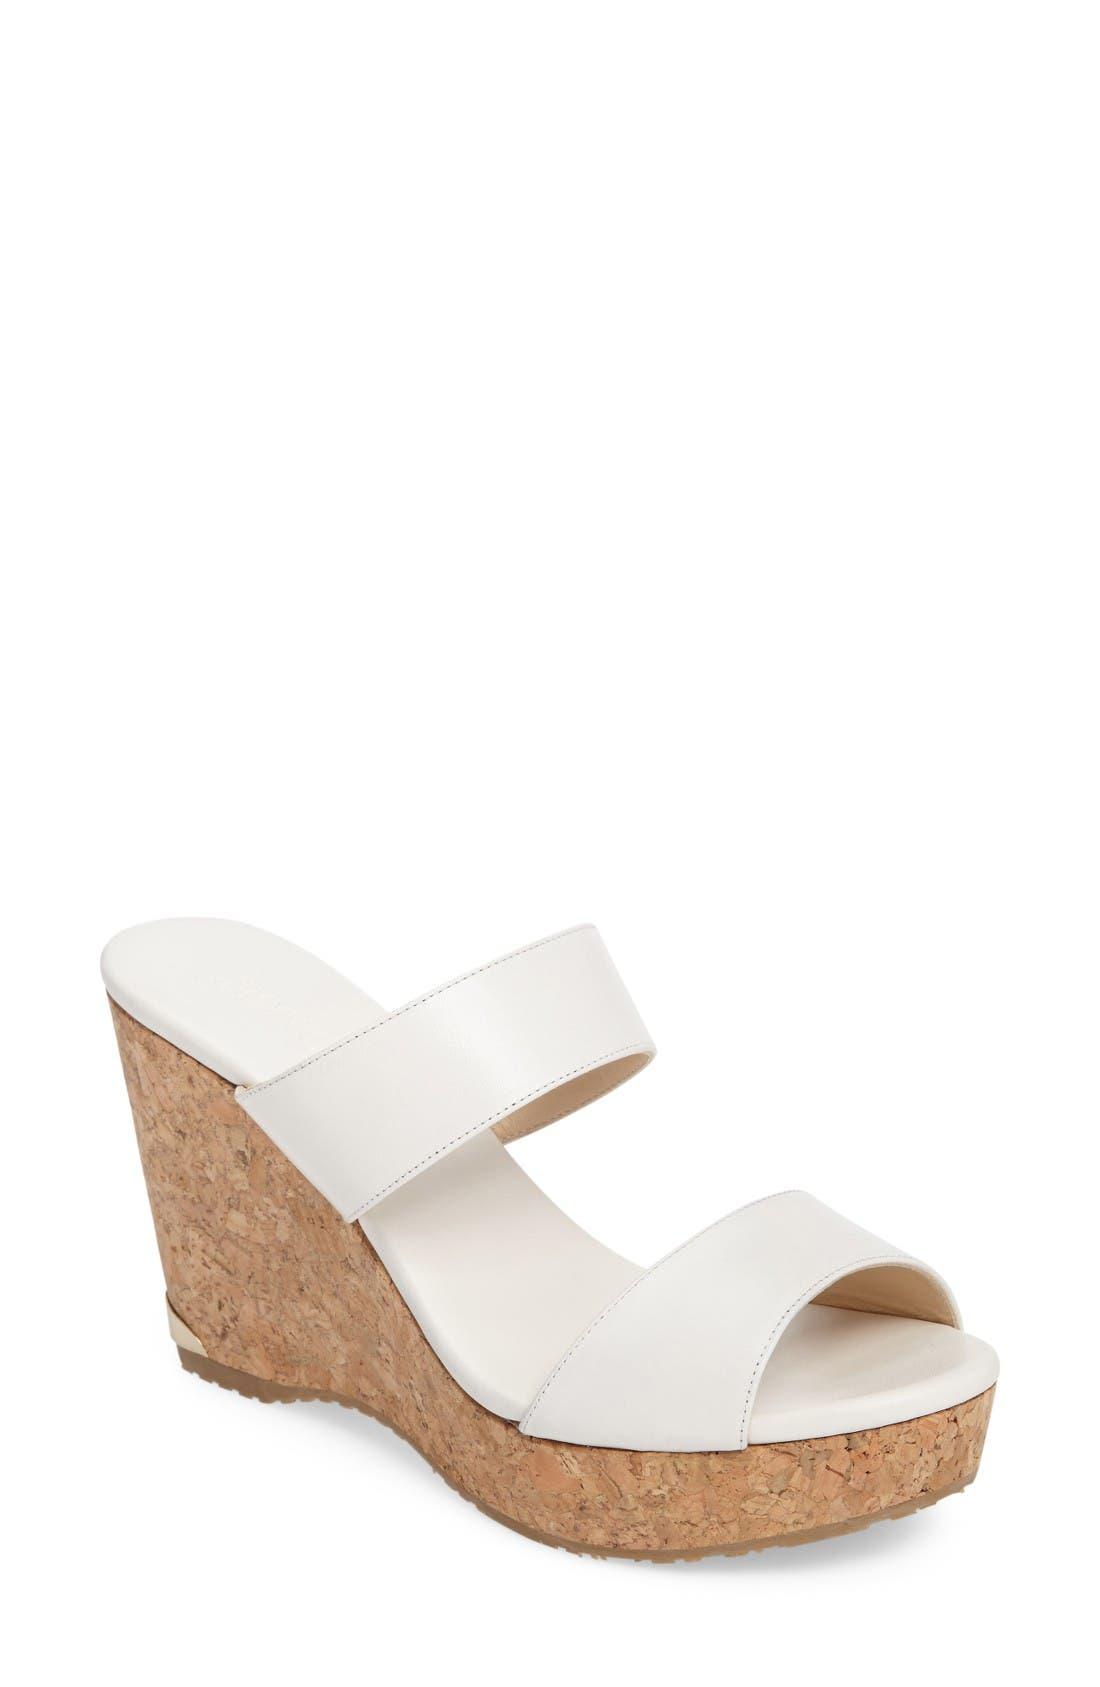 Jimmy Choo Parker Wedge Sandal (Women)